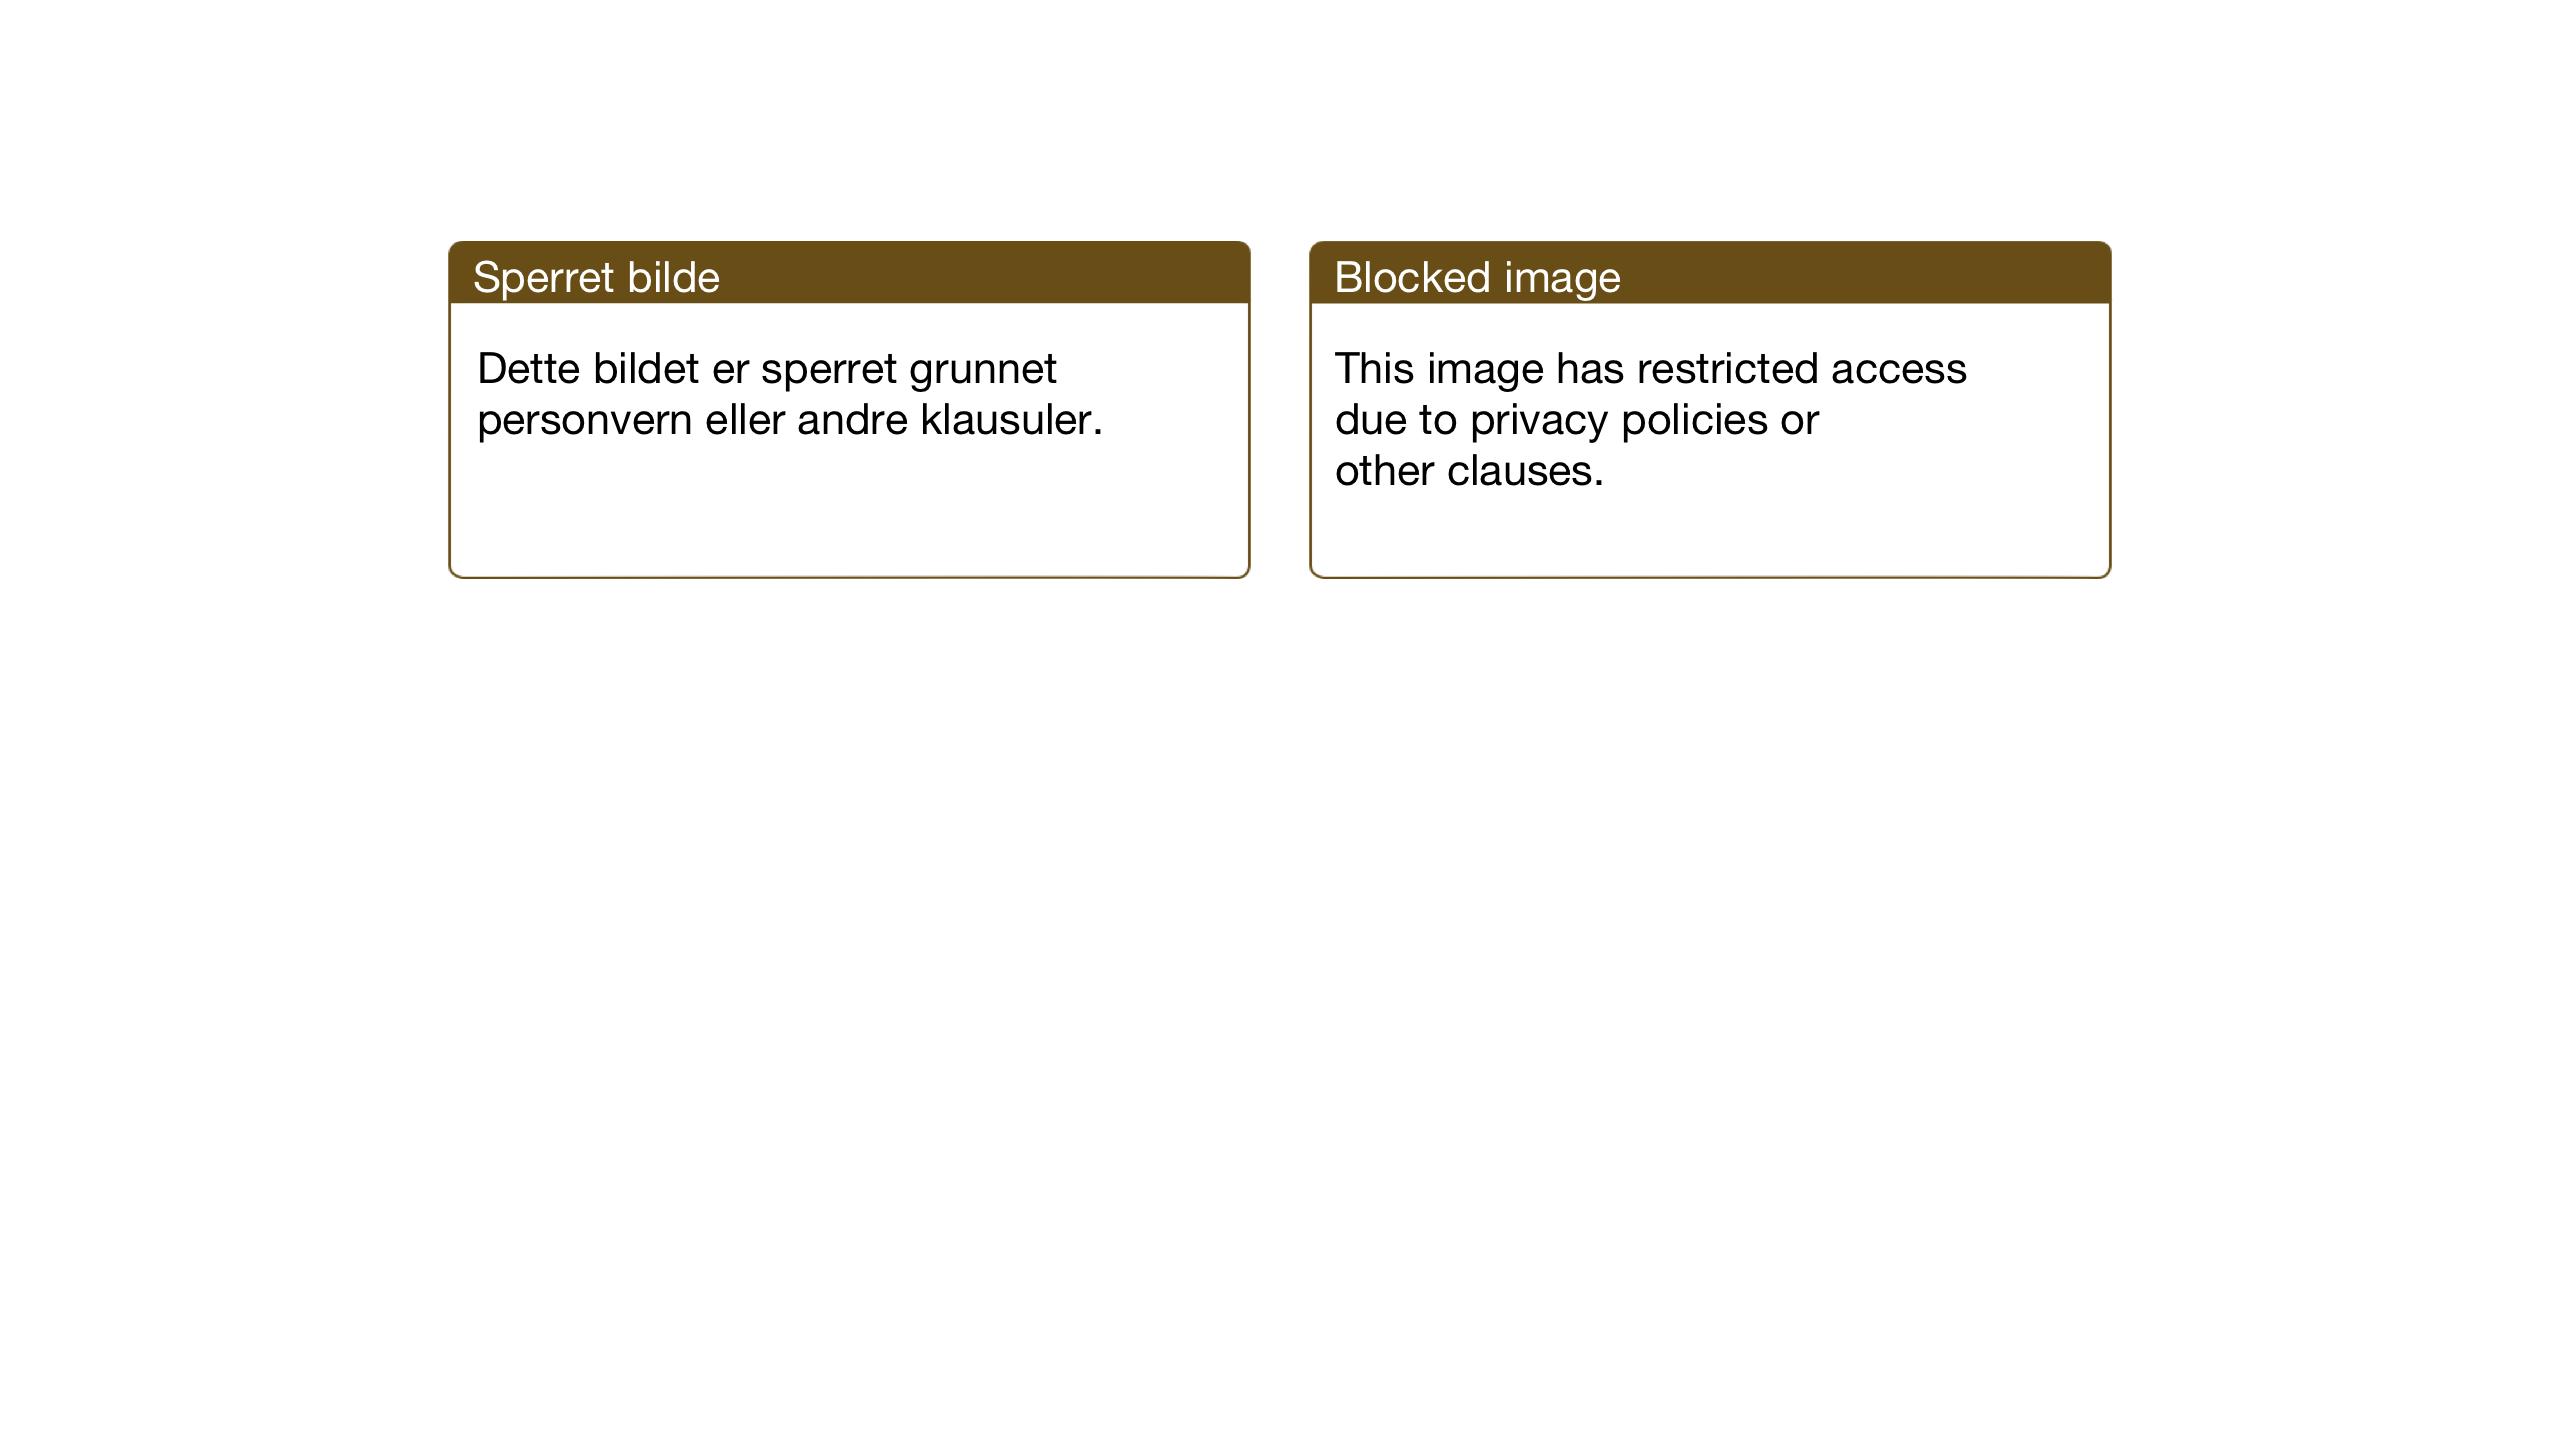 SAT, Ministerialprotokoller, klokkerbøker og fødselsregistre - Nord-Trøndelag, 730/L0304: Klokkerbok nr. 730C07, 1934-1945, s. 16